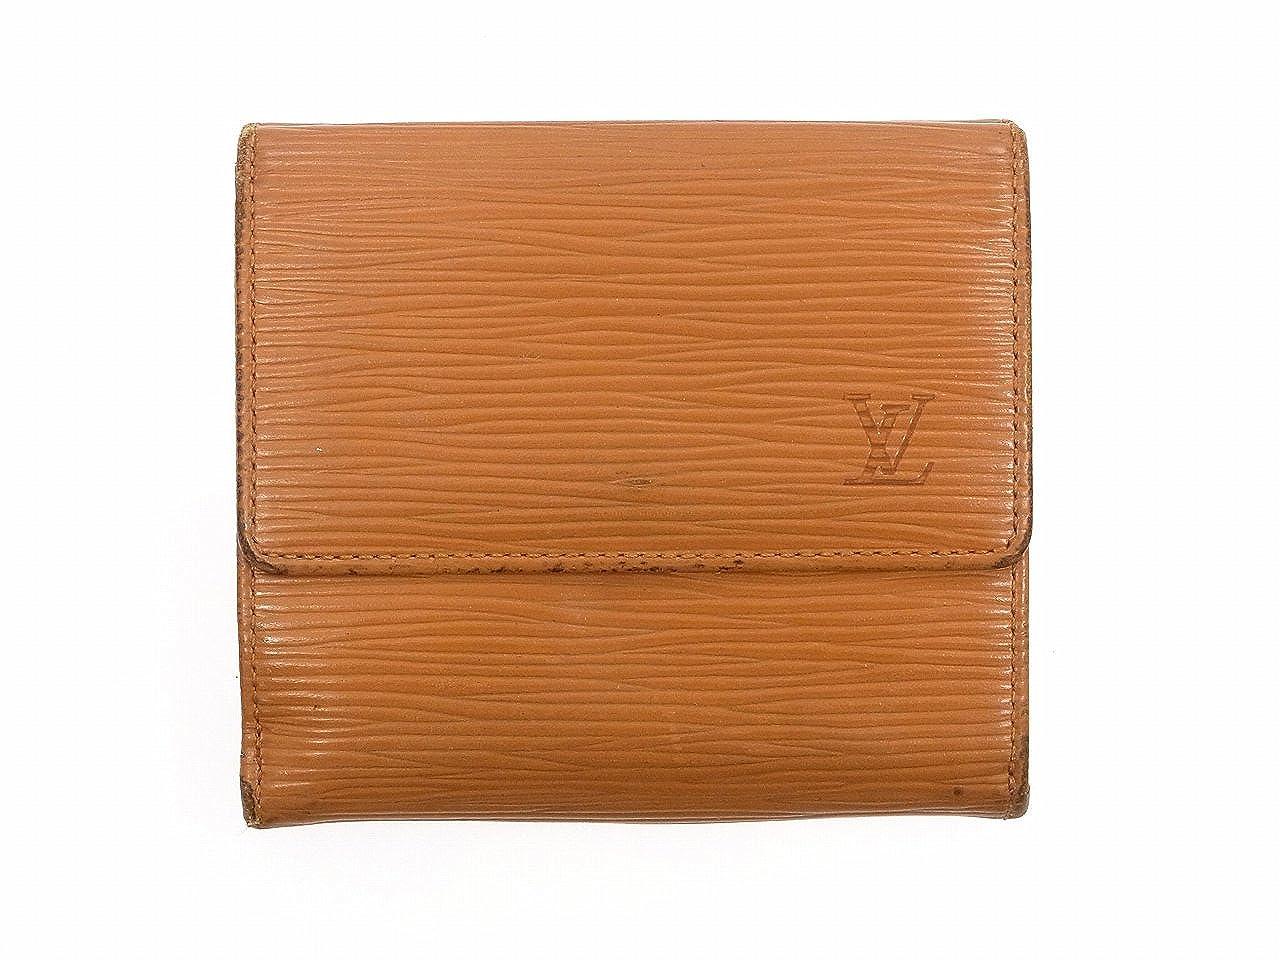 [ルイヴィトン] LOUIS VUITTON 二つ折り財布 エピ エピレザー X9623 中古   B01AL6B3YO